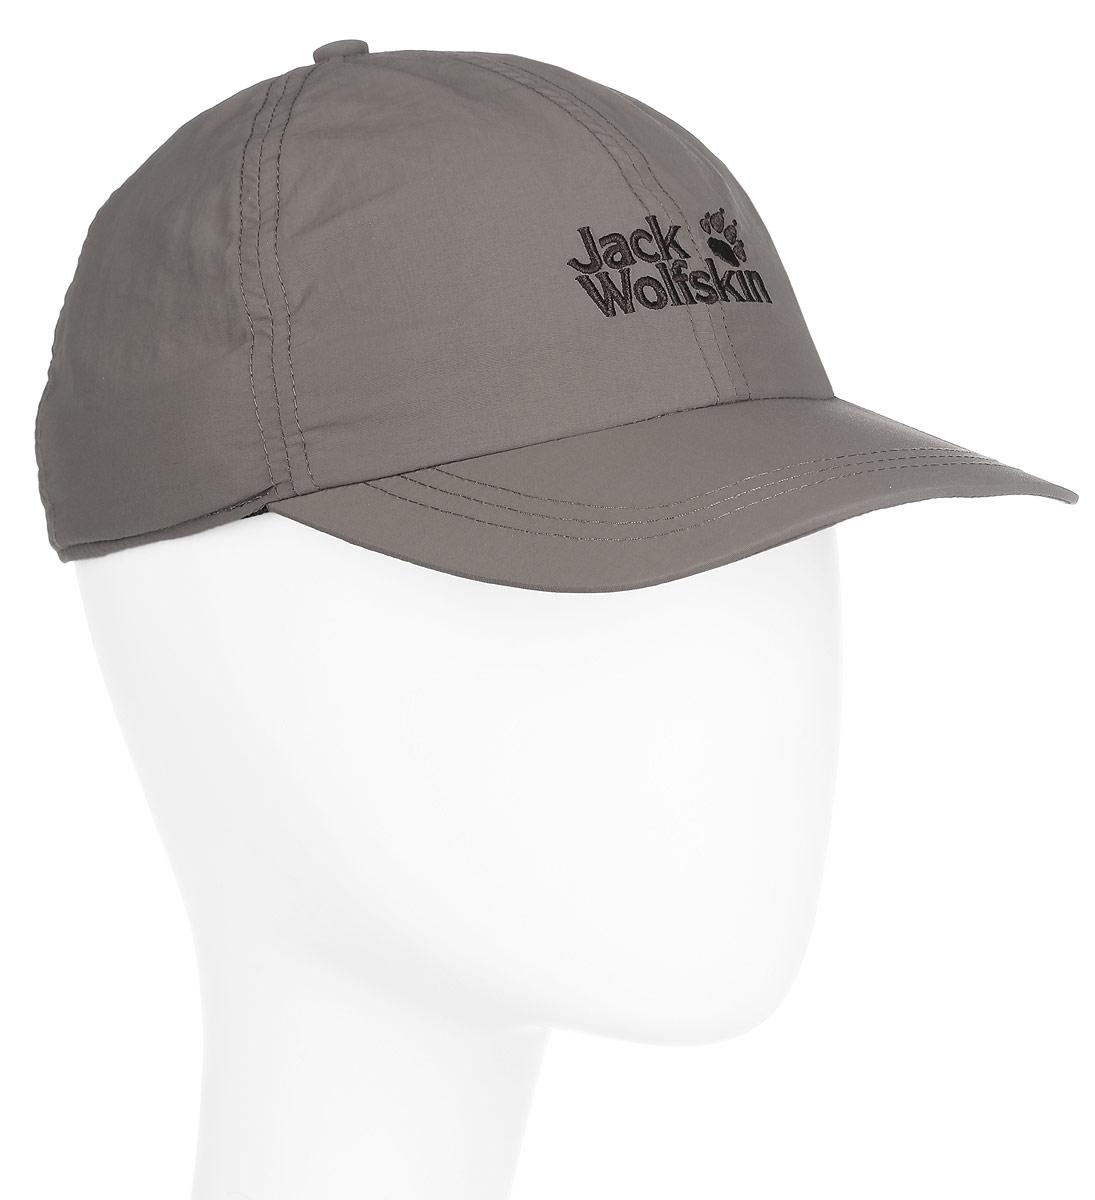 Бейсболка1901391-5017Легкая кепка-легионерка Jack Wolfskin Supplex Protector Cap выполнена из полиамида, сетчатая подкладка - из полиэстера. Кепка-легионерка - это гибрид кепки с козырьком и легкого шарфа, который полностью защищает шею и уши от солнечных ожогов. А еще она является прекрасной защитой от комаров и мошек. При желании, можно закатать или убрать внутрь пристегиваемый на липучки защитный элемент и получить привычный головной убор - кепку с козырьком. Изделие сзади регулируется по голове при помощи эластичной резинки со стоппером. Оформлена модель вышитым логотипом бренда. Такая бейсболка послужит отличным и необходимым аксессуаром во время активного отдыха и прогулок на свежем воздухе. Уважаемые клиенты! Размер, доступный для заказа, является обхватом головы.